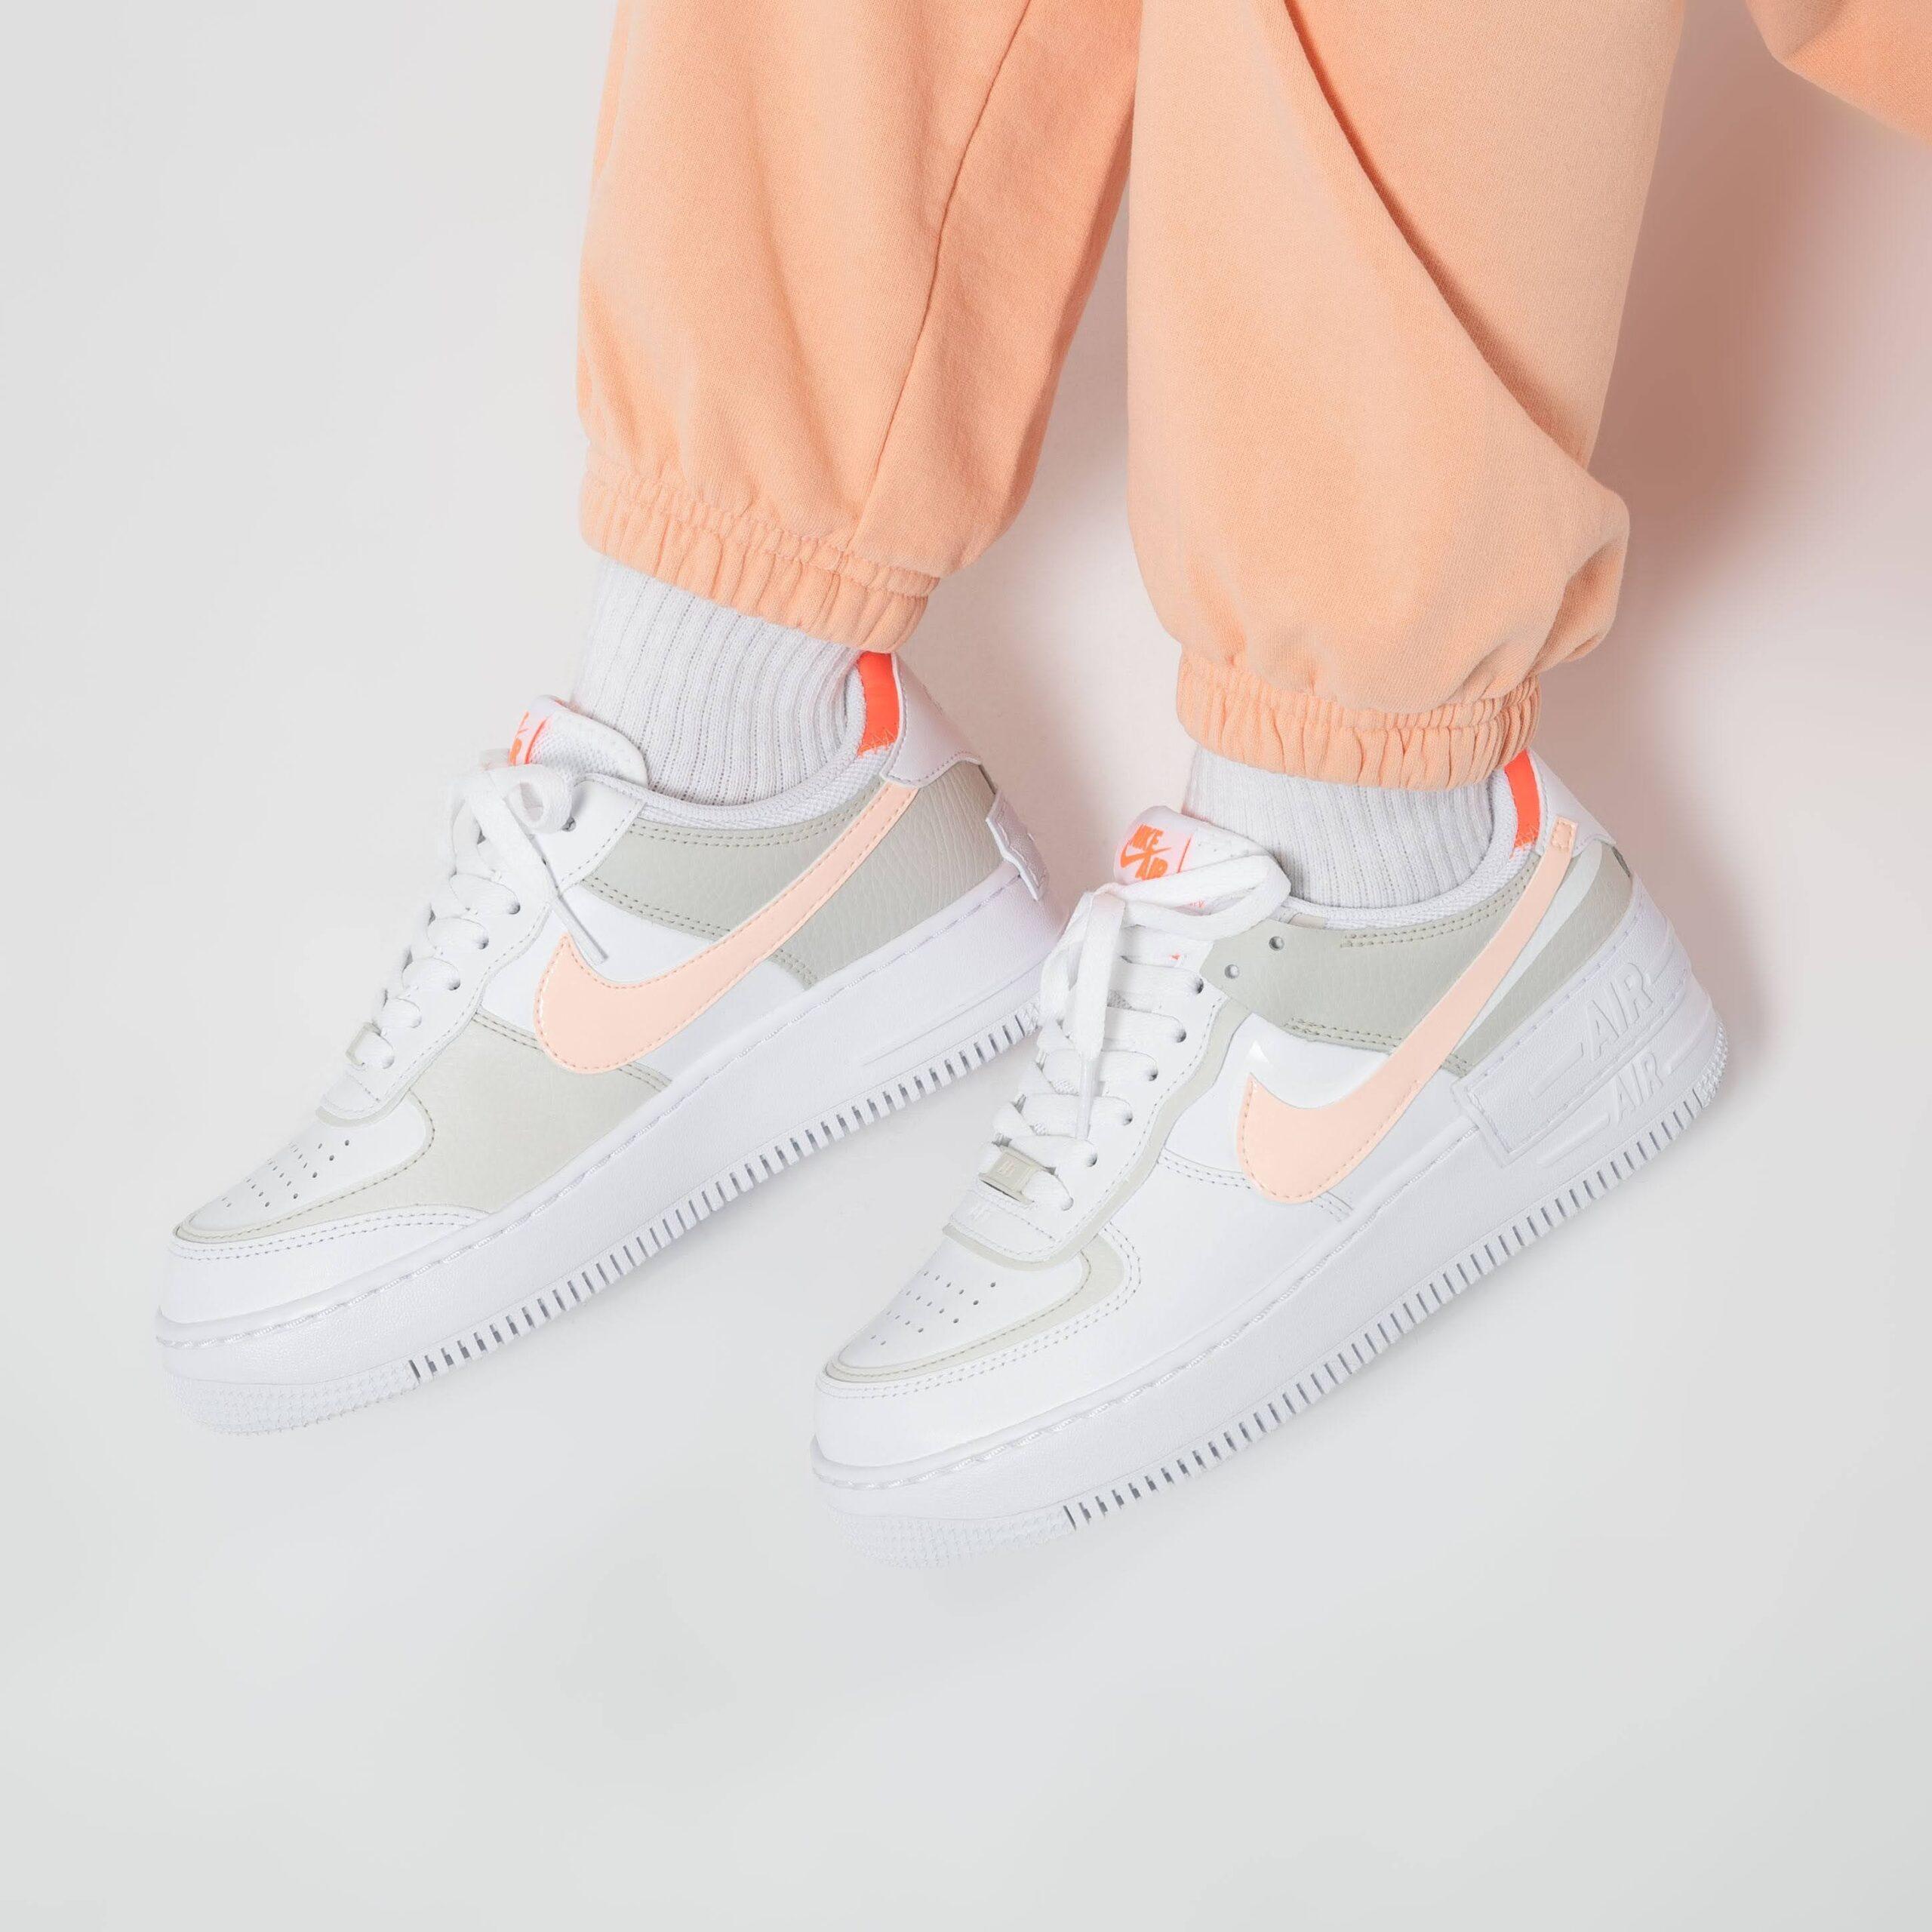 """ナイキ ウィメンズ エア フォース 1 シャドウ """"ブライト マンゴー"""" Nike-WMNS-Air-Force-1-Shadow-Bright-Mango-DH3896-100-pair-on-feet-4"""